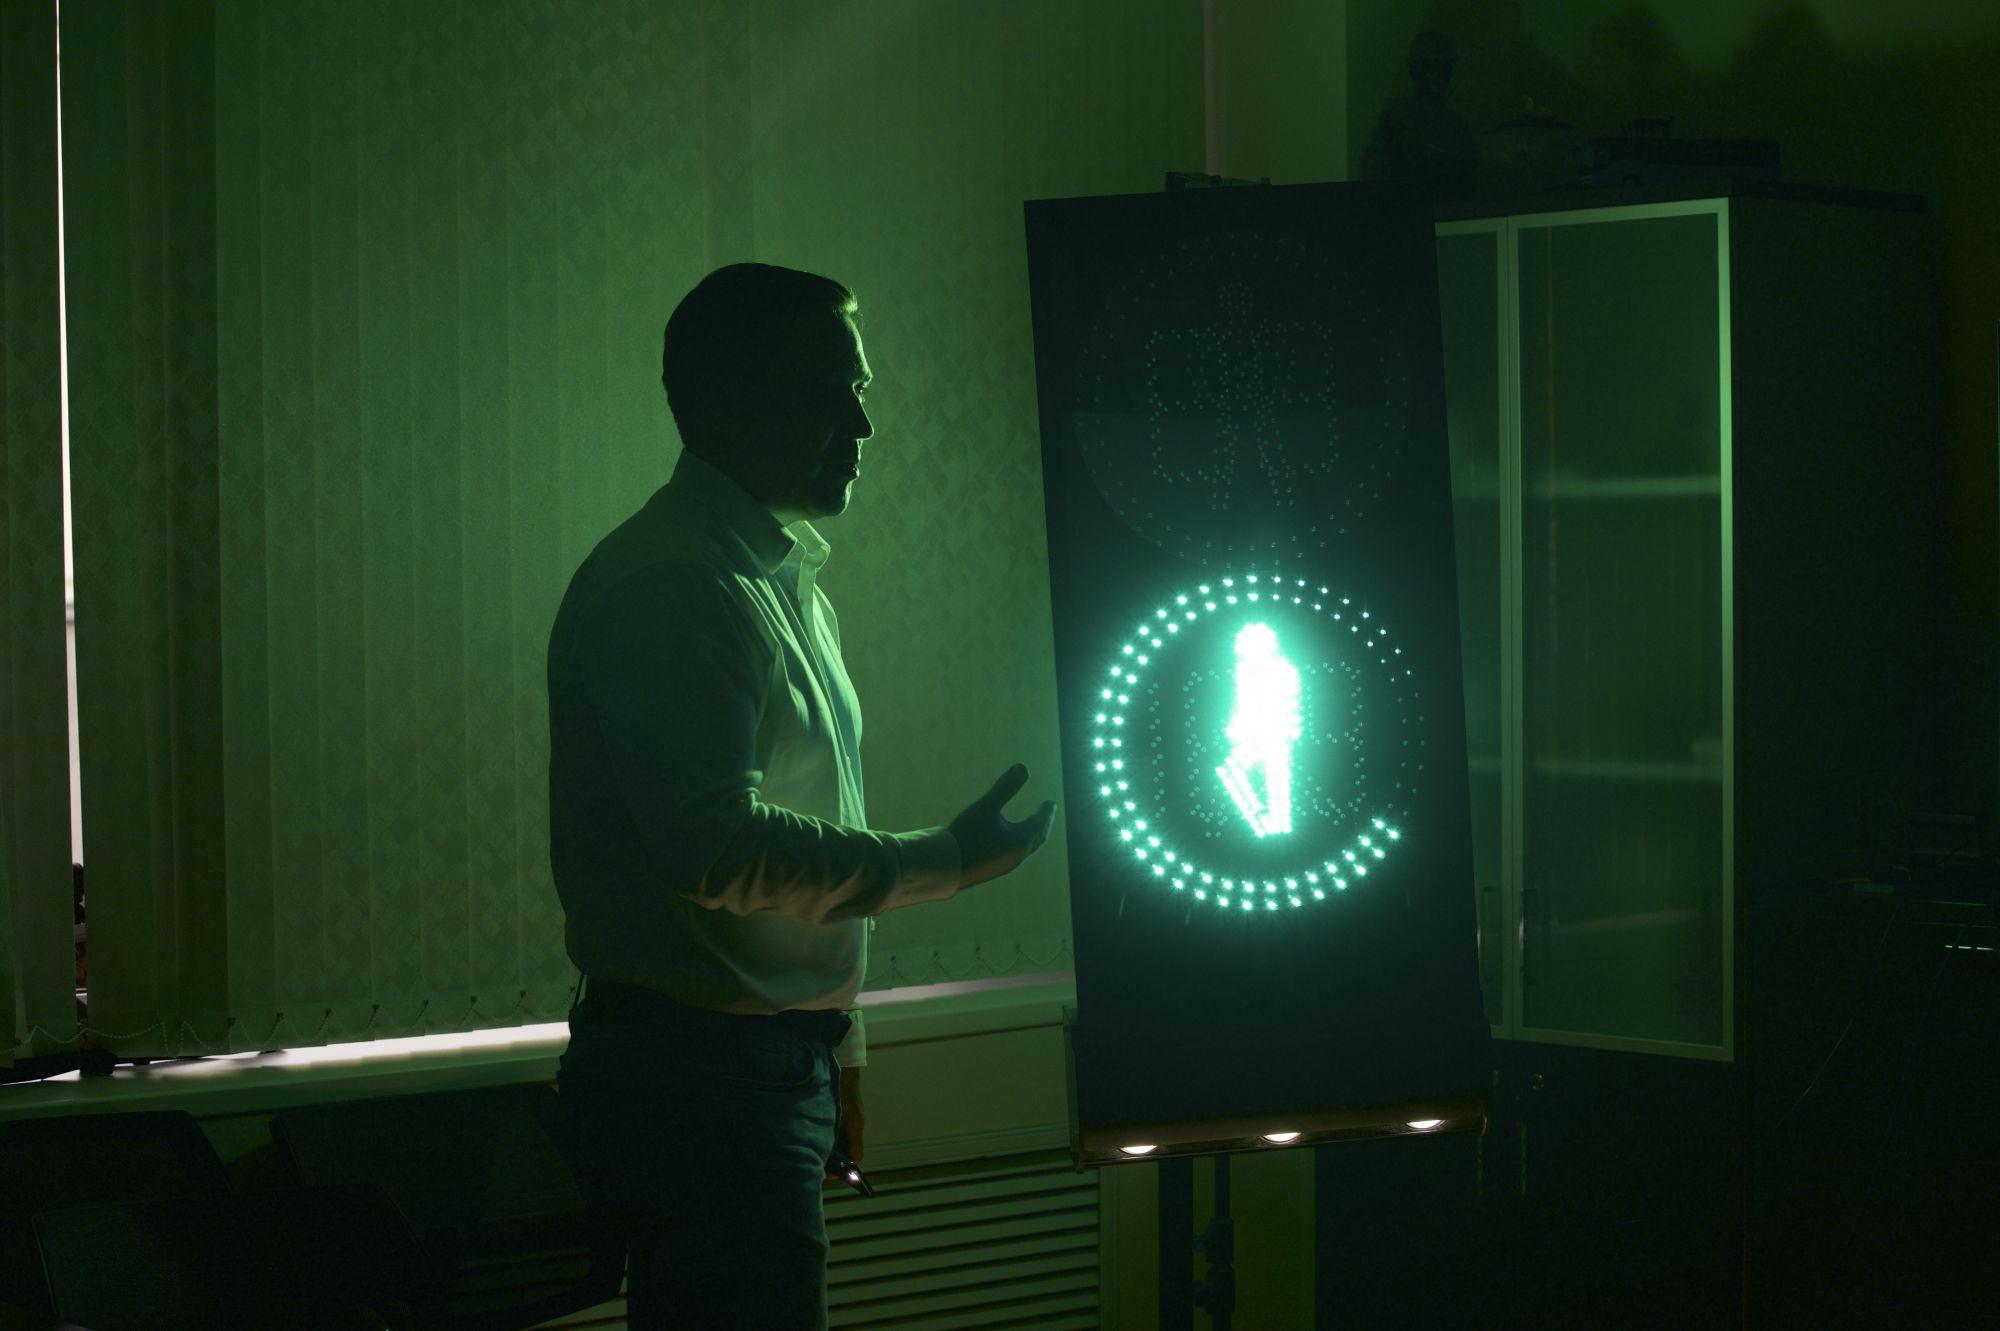 Обширный функционал умного светофора не бросается вглаза: вся электроника спрятана в корпус